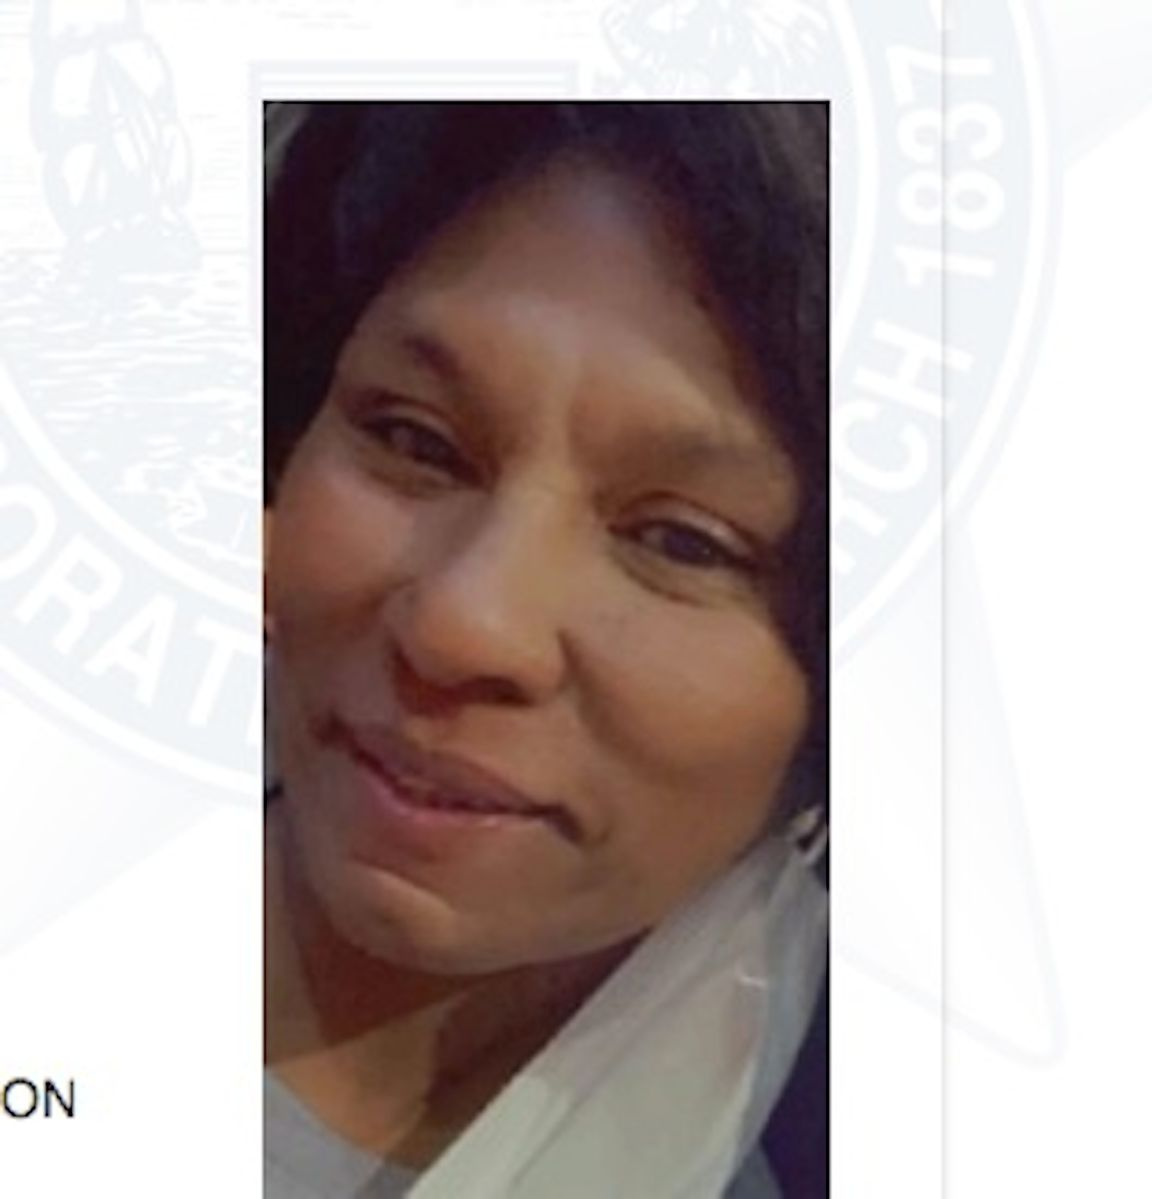 Buscan a mujer desaparecida en el barrio de Avalon Park